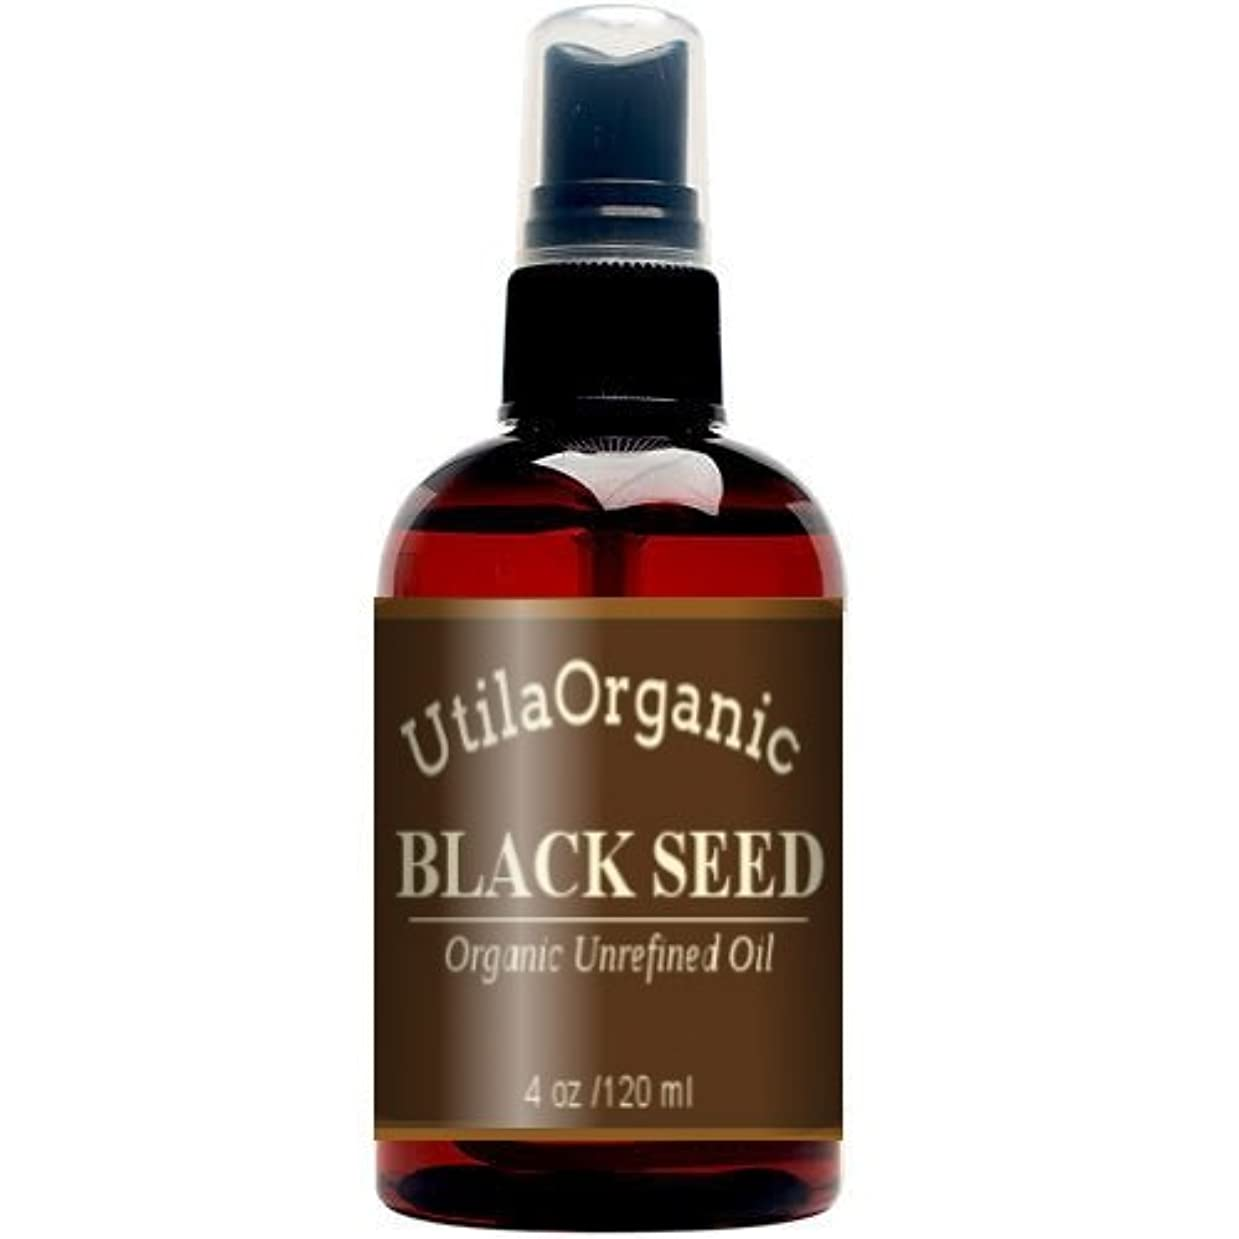 船酔い一定プロペラオーガニック ブラックシード ブラッククミンオイル 120ml Blackseed Oil 100% pure and natural [並行輸入品]